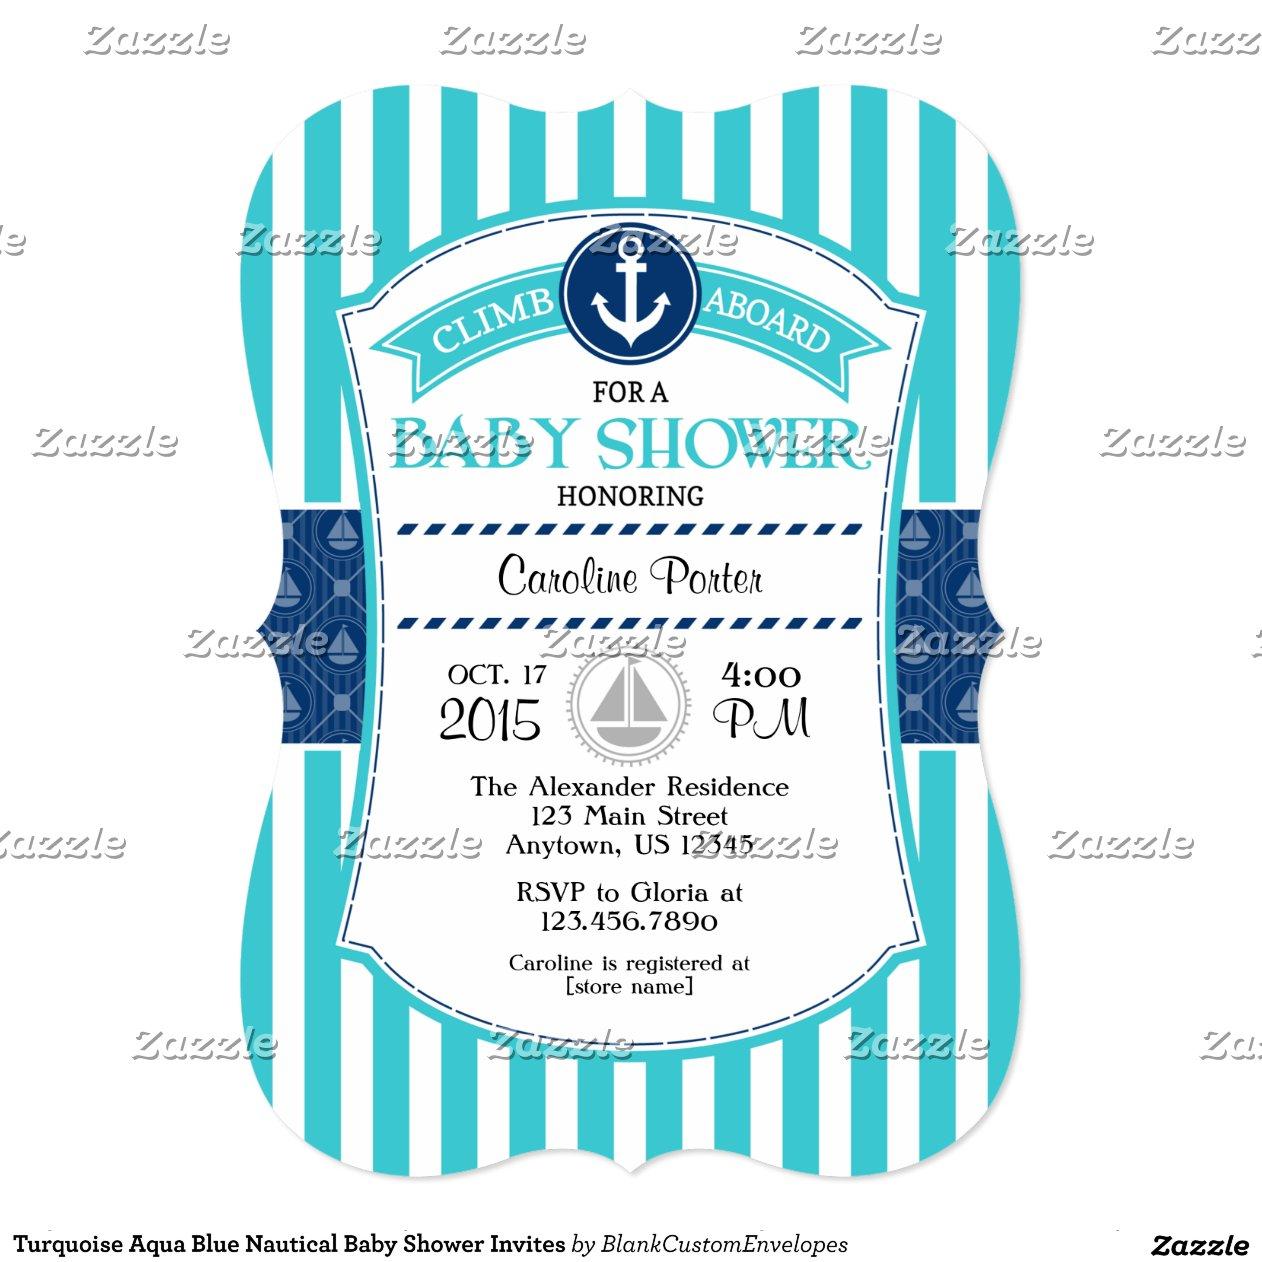 turquoise aqua blue nautical baby shower invites zazzle